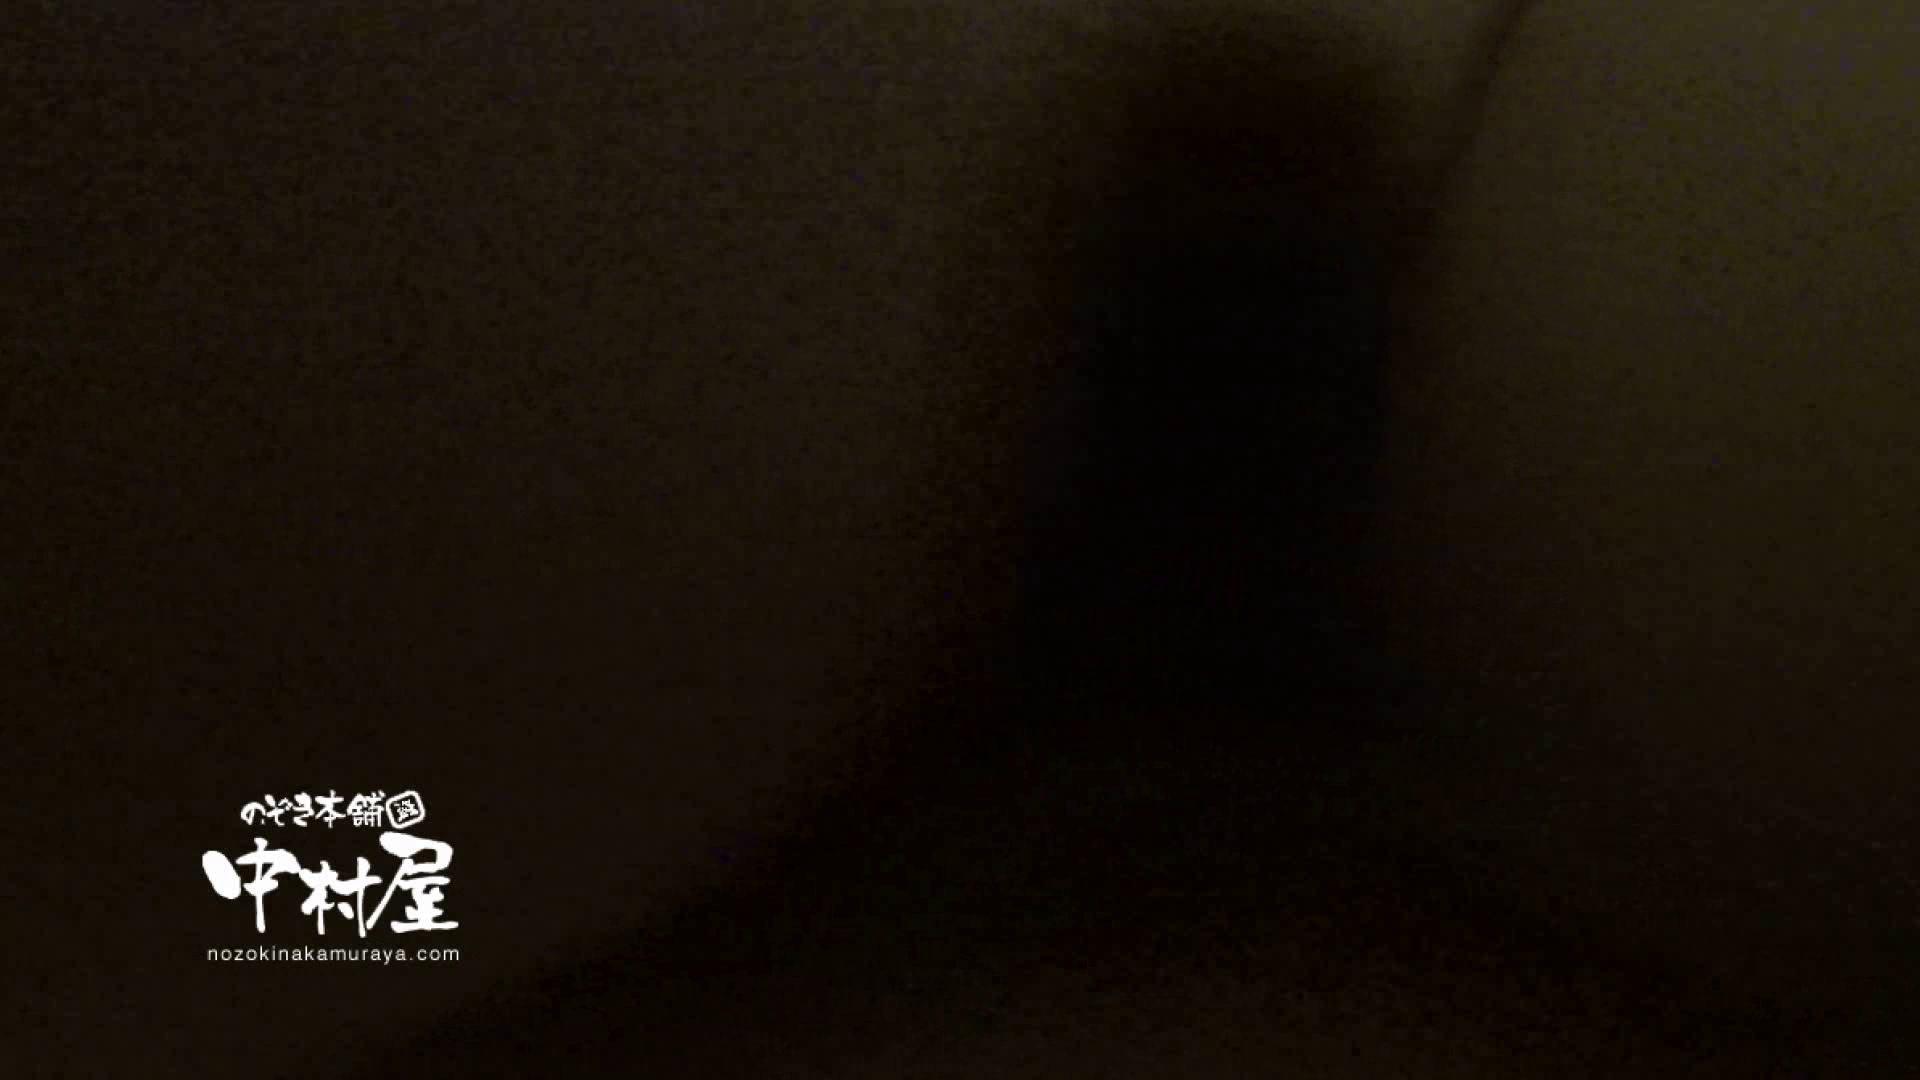 鬼畜 vol.08 極悪!妊娠覚悟の中出し! 後編 美しいOLの裸体 SEX無修正画像 97pic 89